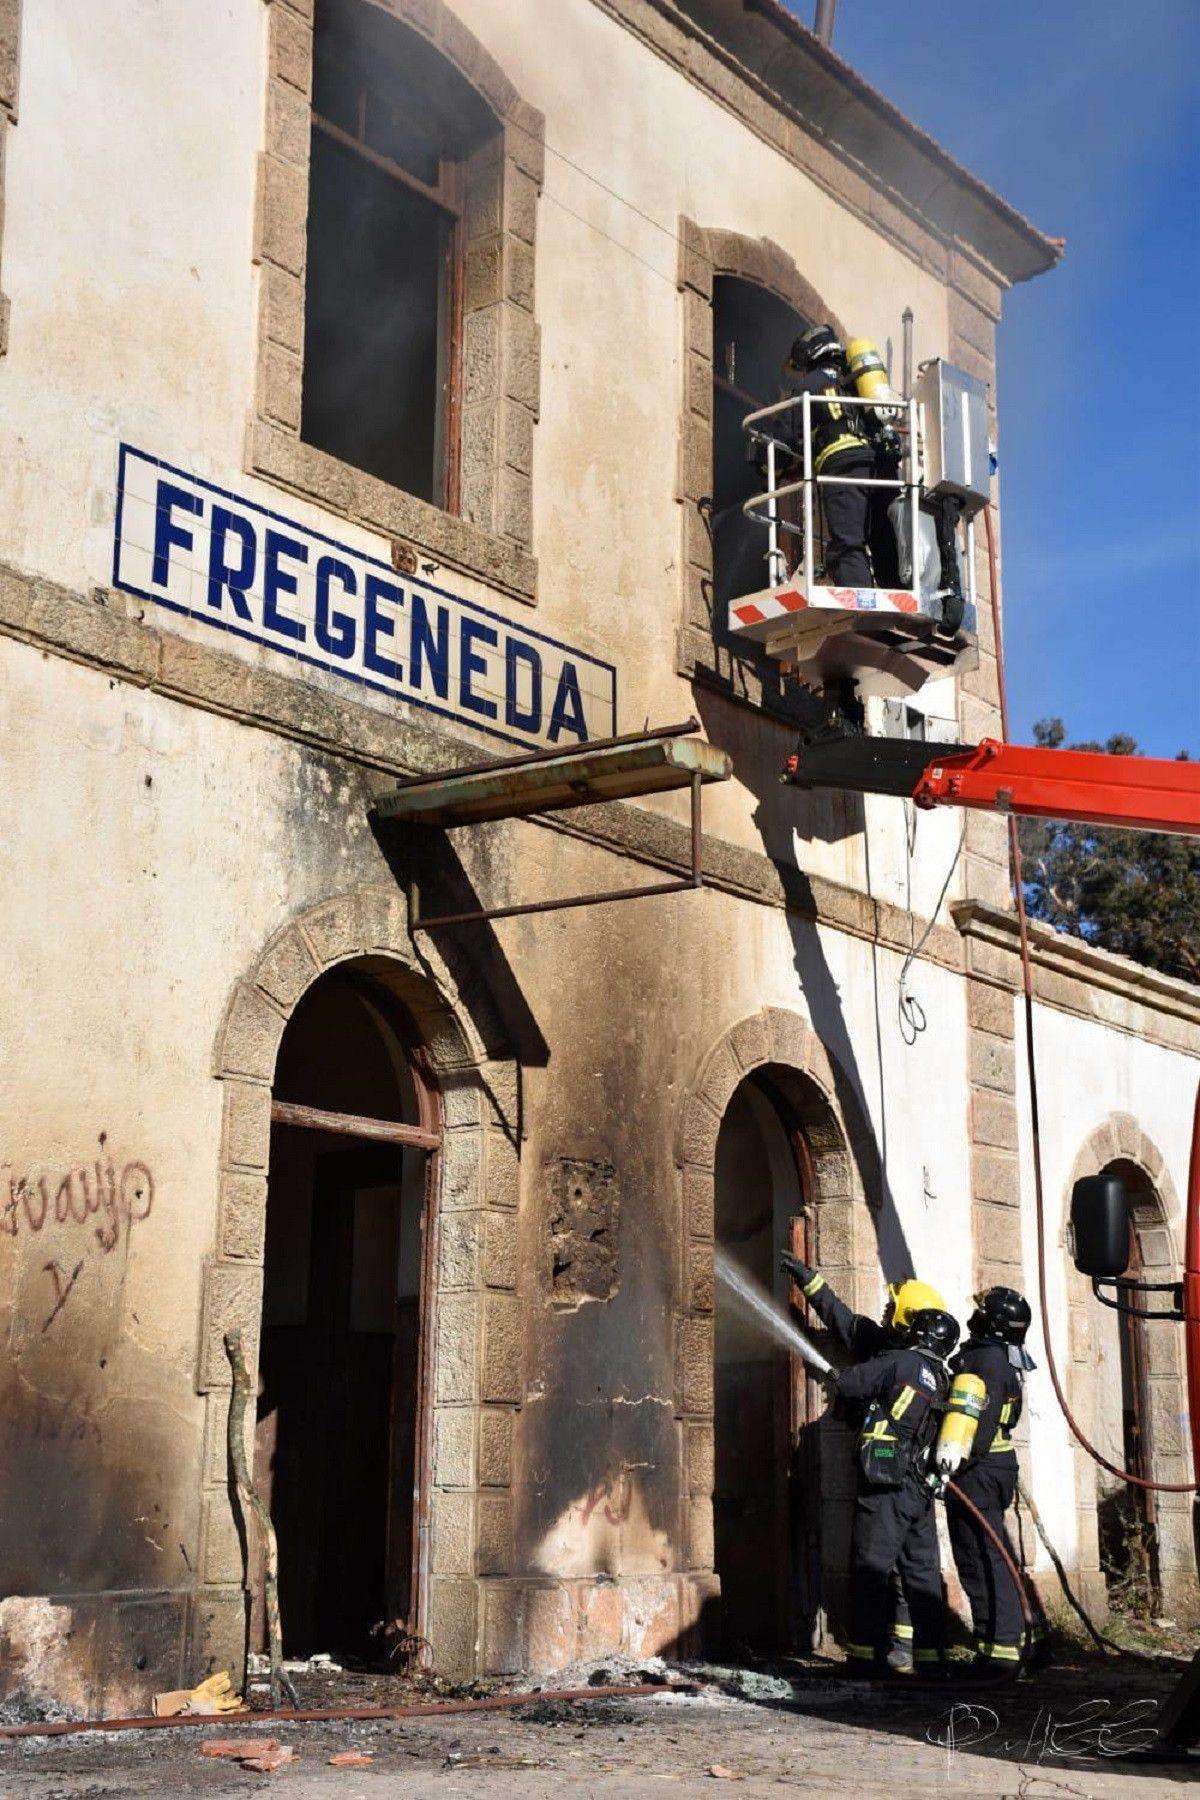 Incendio en Fregeneda 2